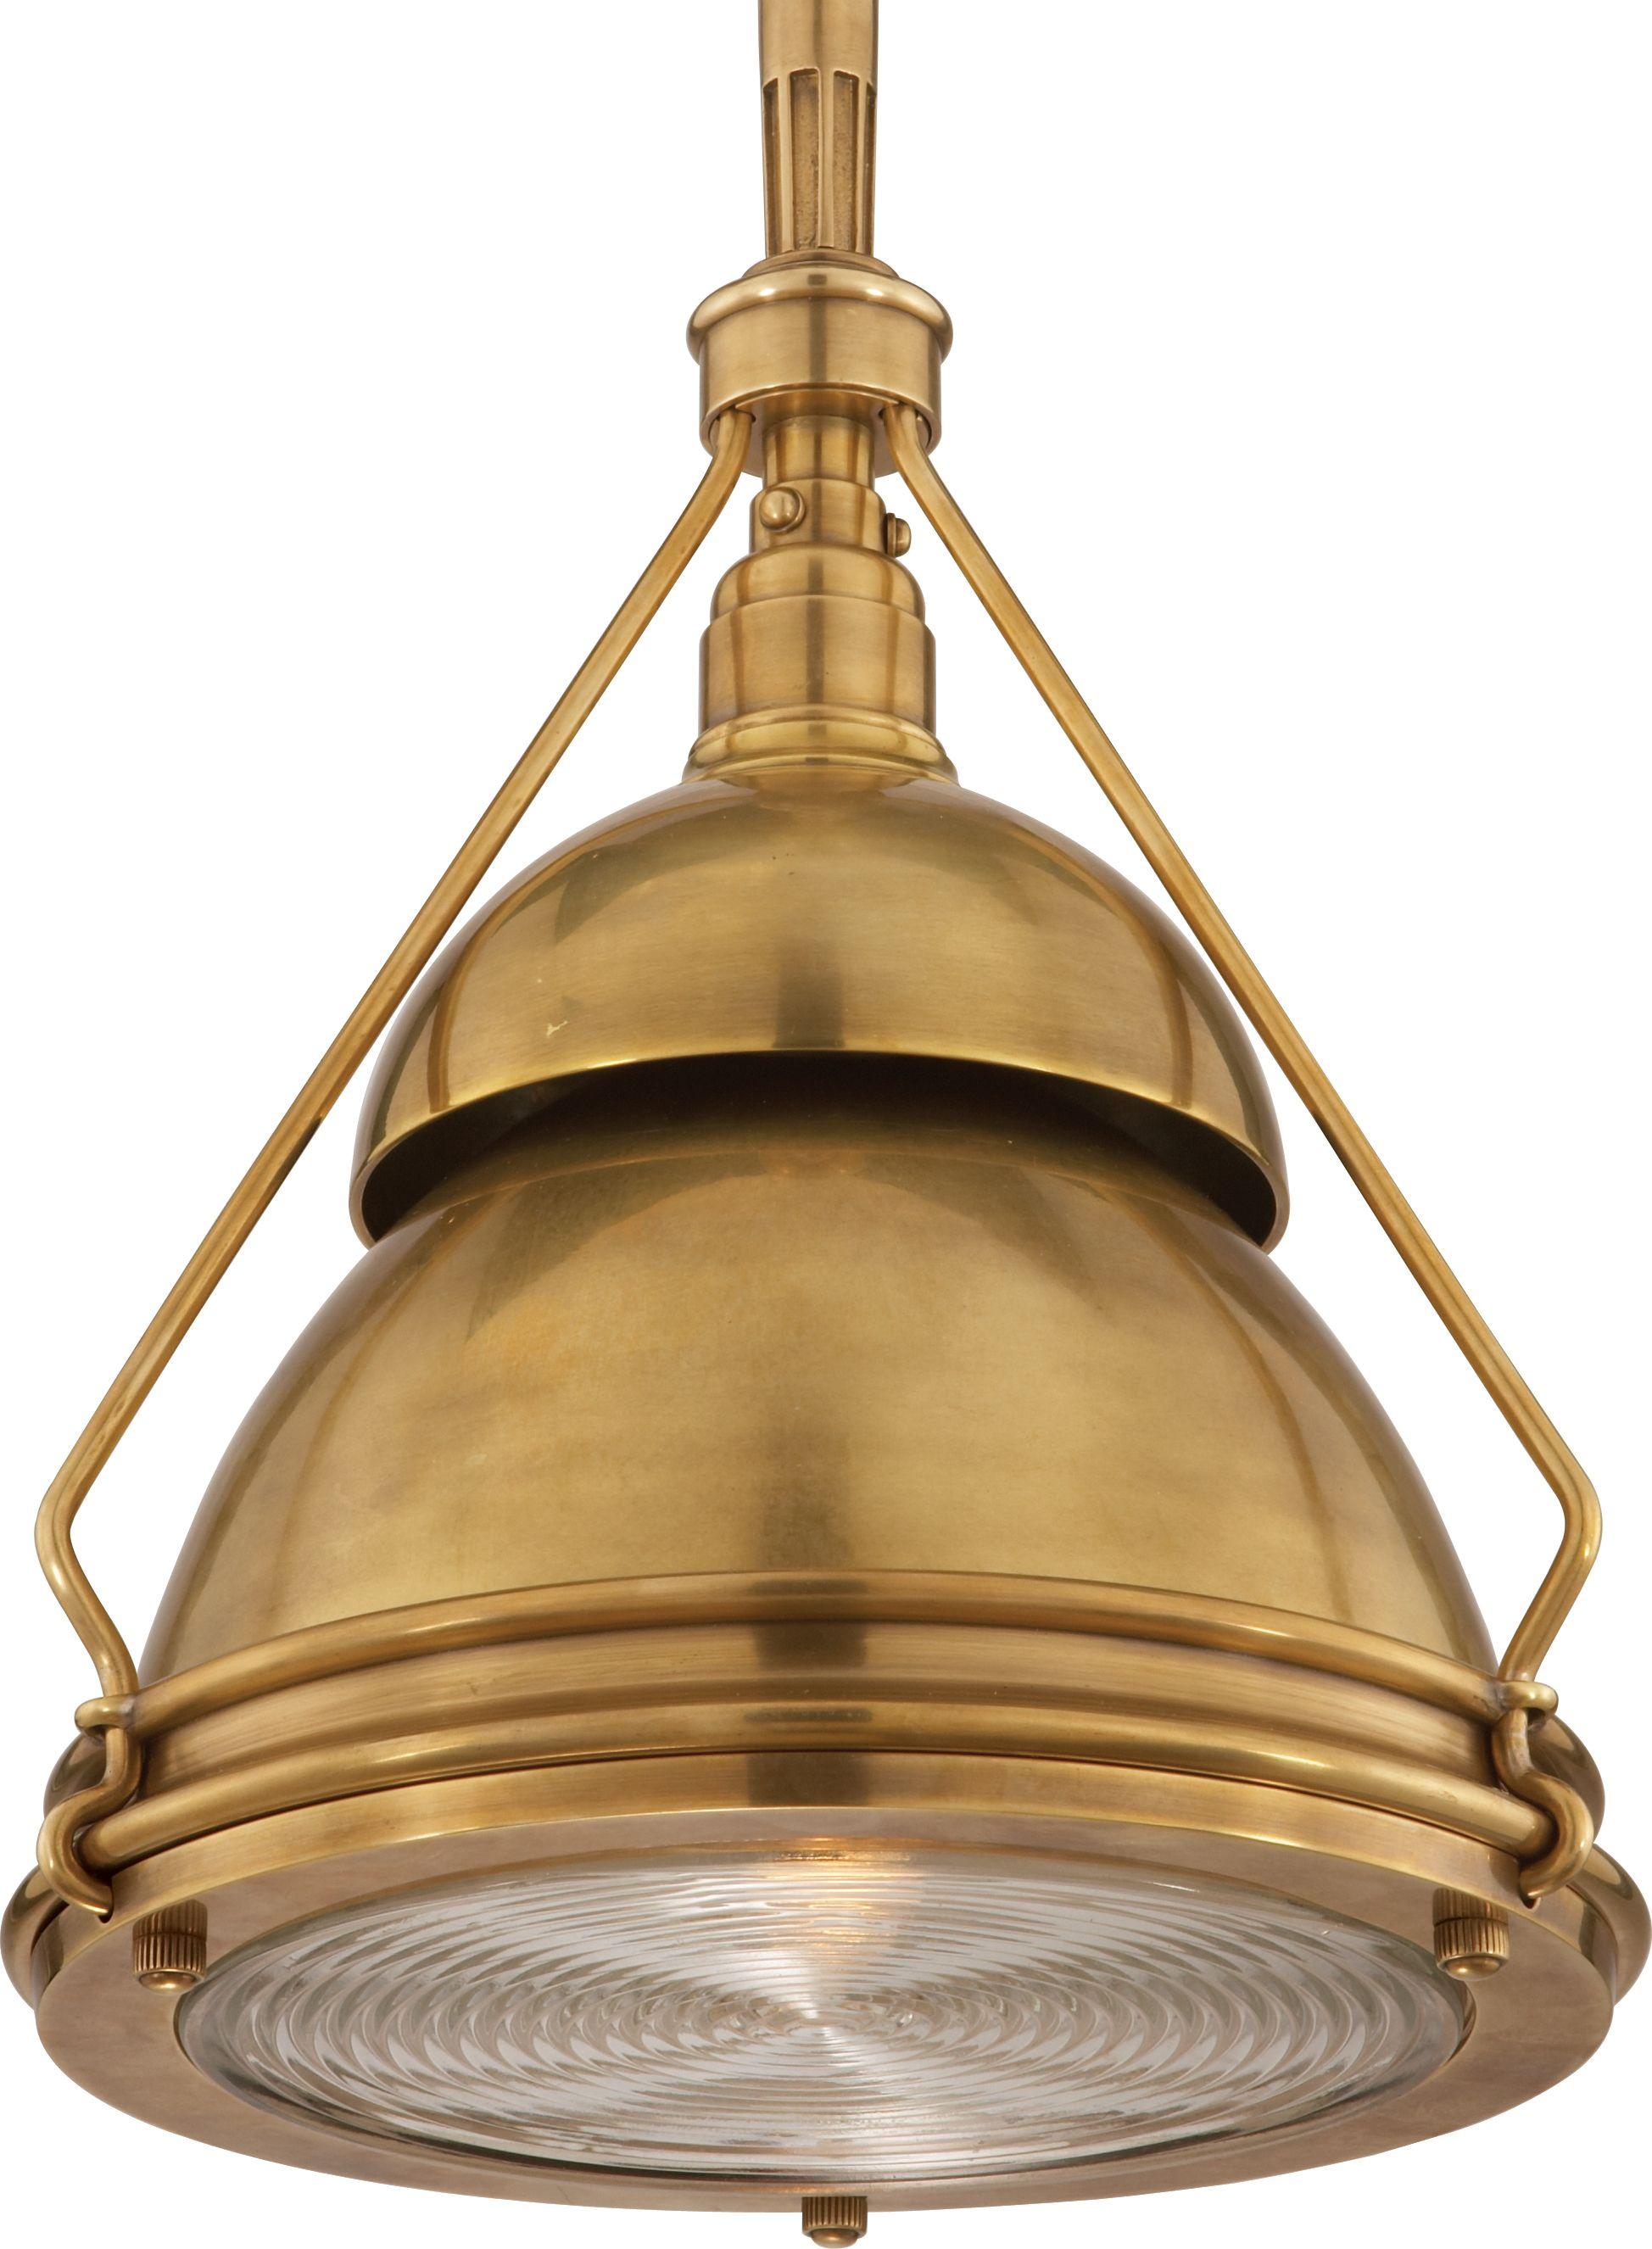 Garey Small Industrial Light Tob5142 Industrial Pendant Lights